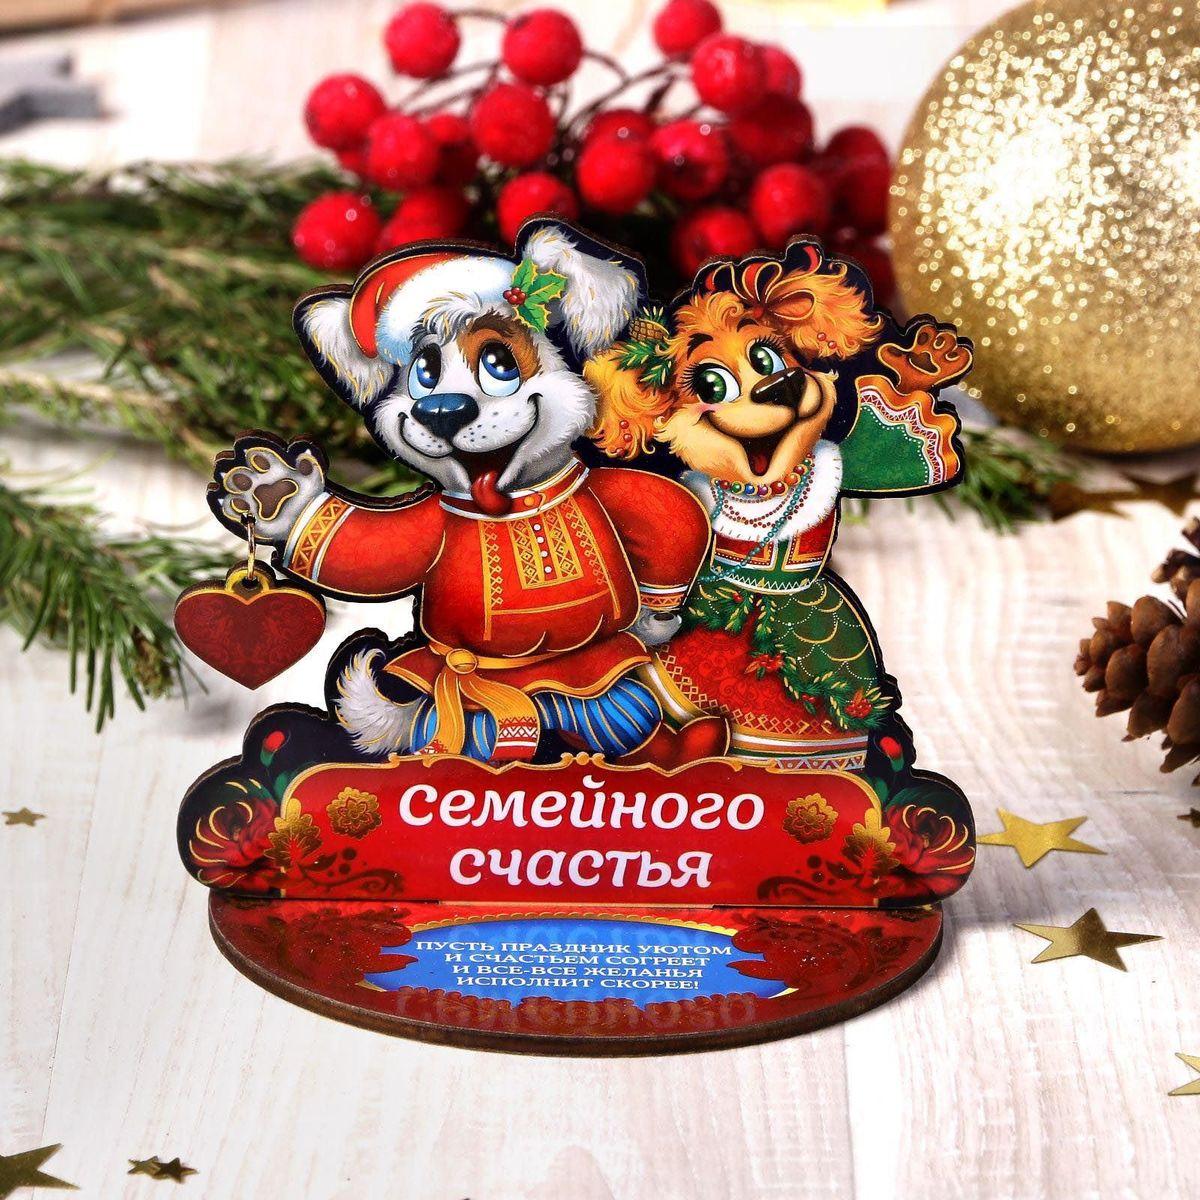 Оберег настольный Sima-land Семейного счастья, цвет: красный, 9,3 х 8 см2278723Приближаются самые добрые и долгожданные праздники — Новый год и Рождество. Оберег Sima-land - это чудесный сувенир, способный привлечь счастье, успех и достаток, стоит лишь расположить его на рабочем столе дома или в офисе! Или носить с собой в качестве оберега. Такой подарок прекрасно впишется в любой интерьер и станет отличным атрибутом праздника, а также станет отличным оберегом своего хозяина.